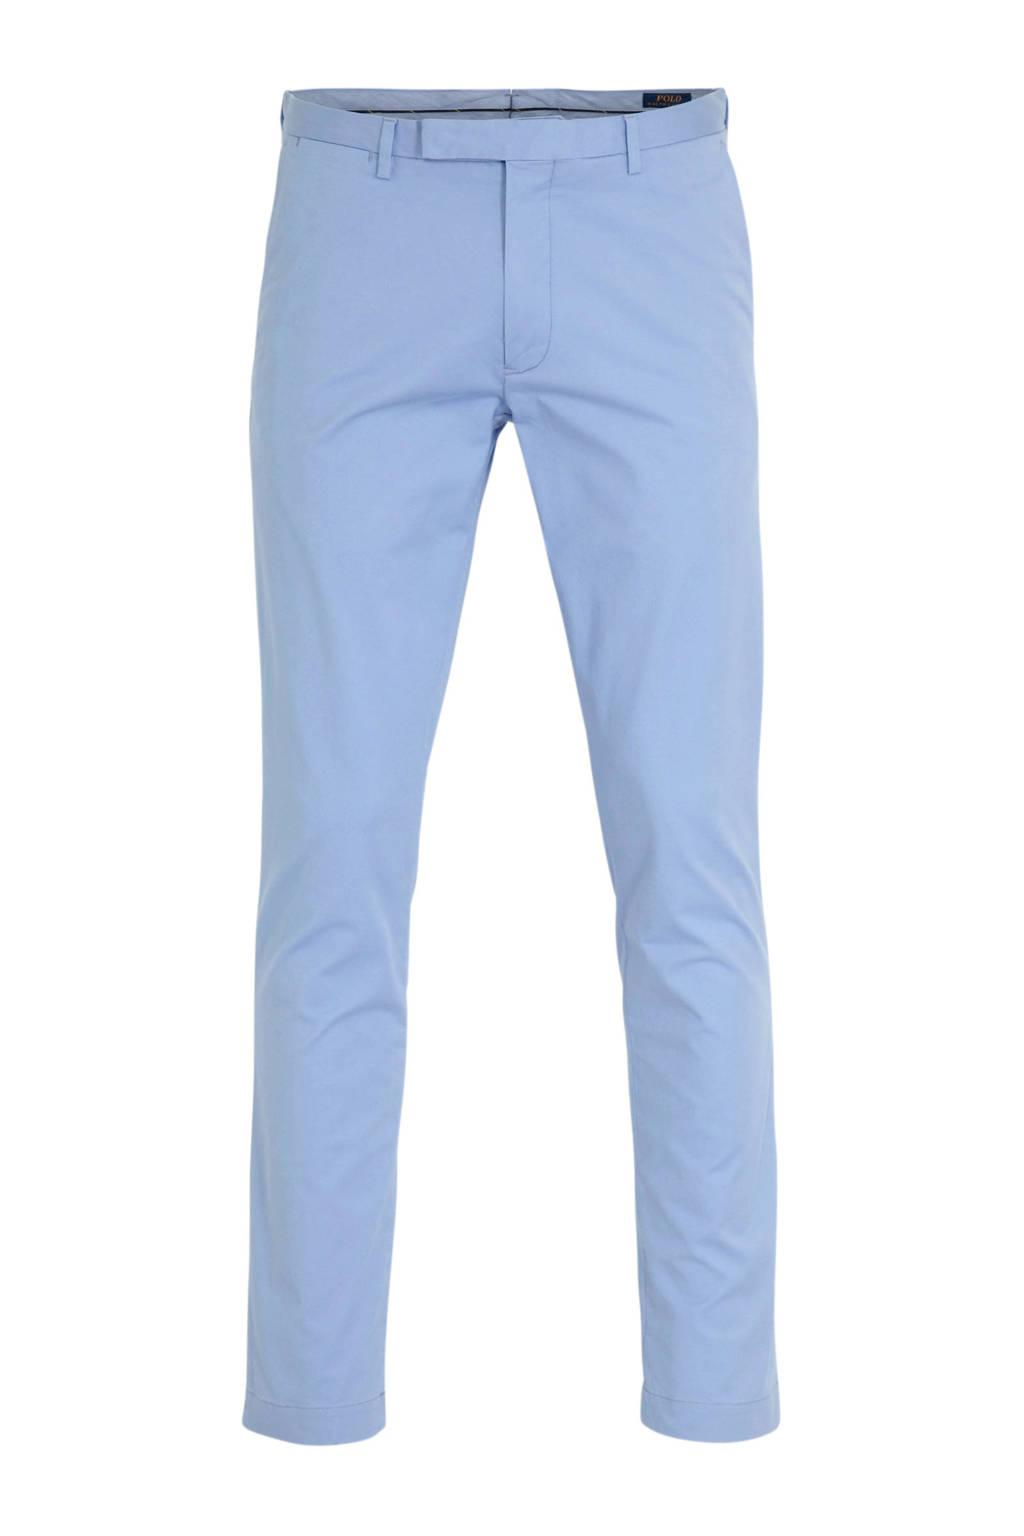 POLO Ralph Lauren slim fit chino lichtblauw, Lichtblauw